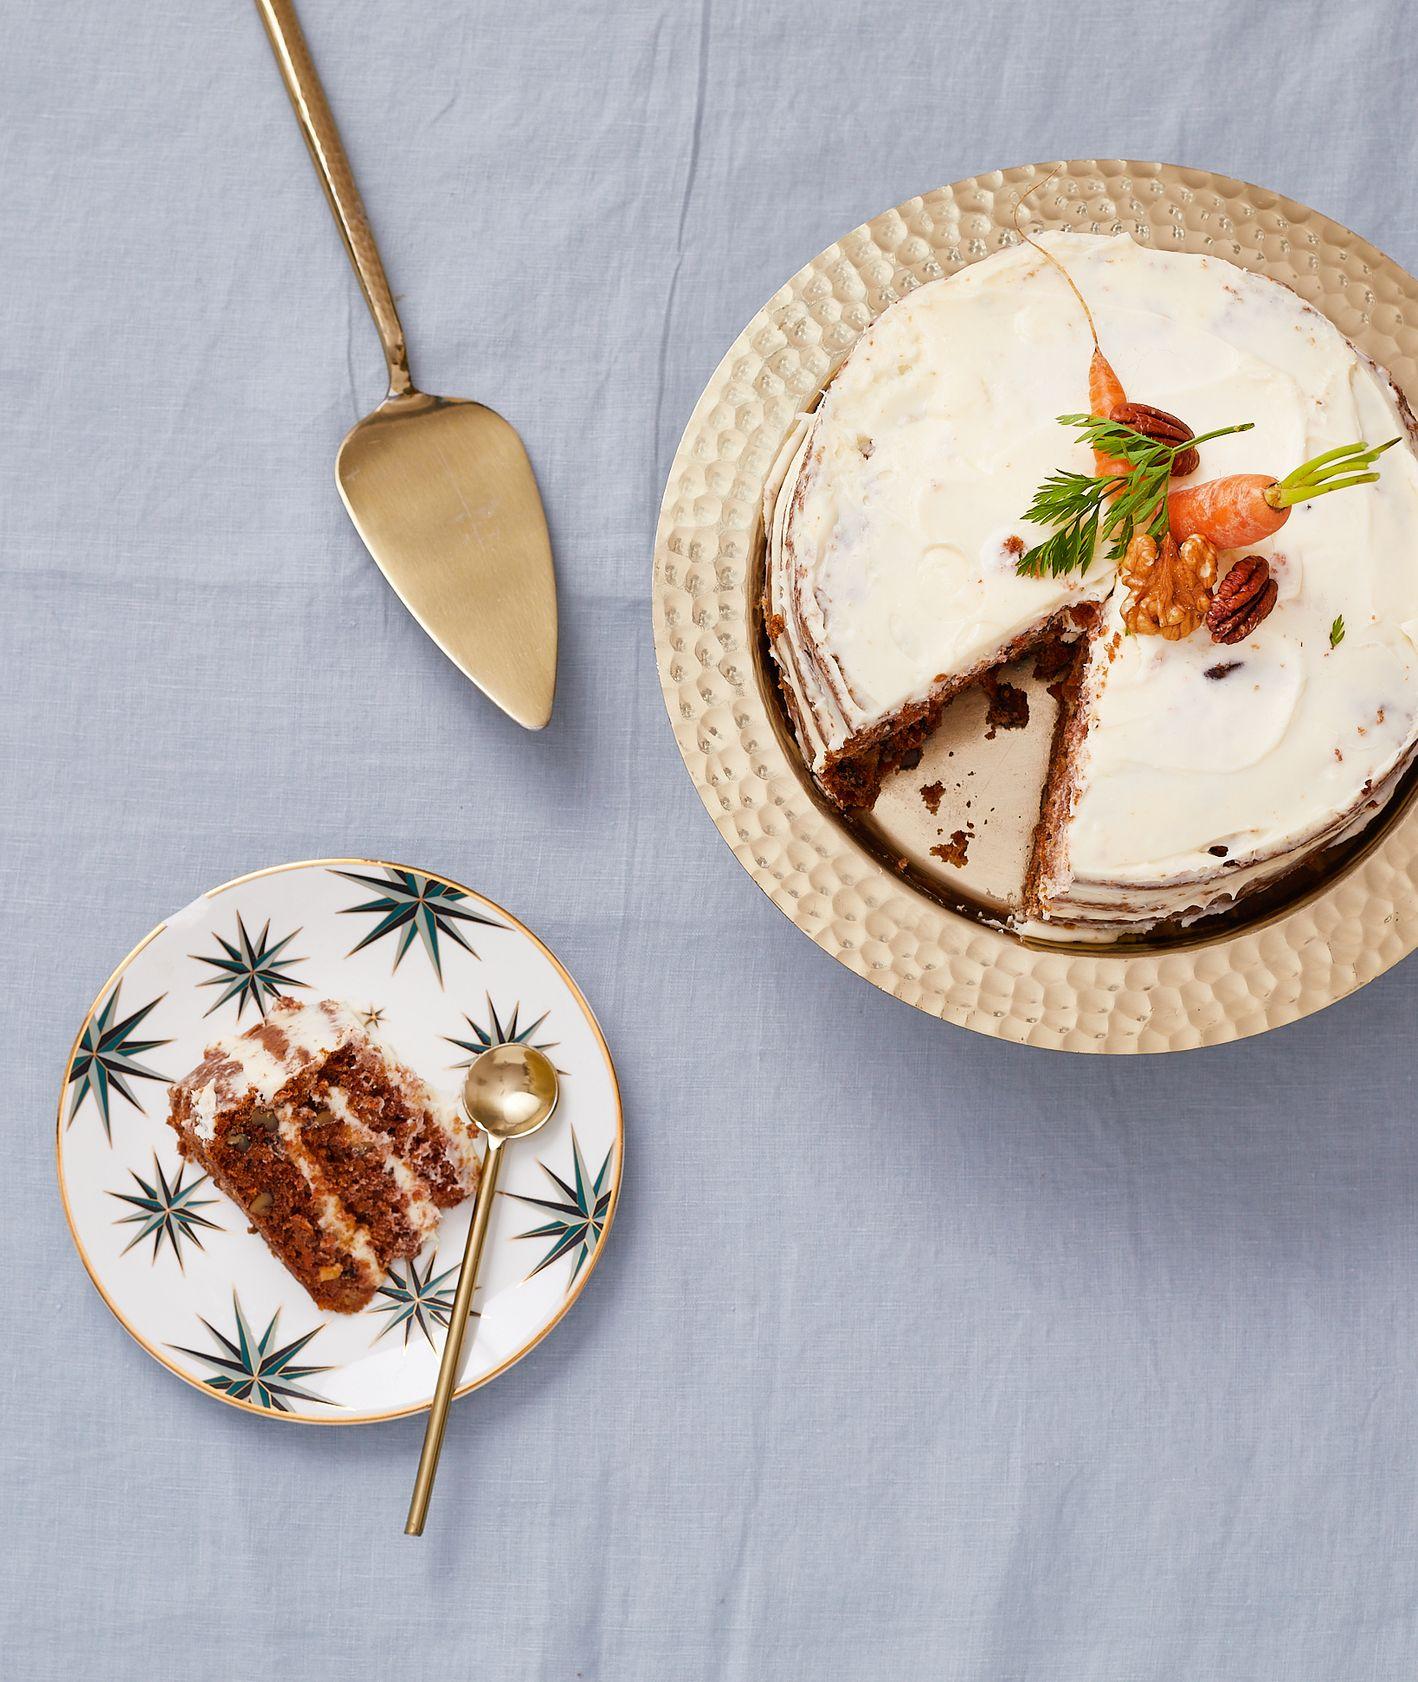 Ciasto marchewkowe z mascarpone według przepisu Farma Bii nasączone nalewką (fot. Maciek Niemojewski)